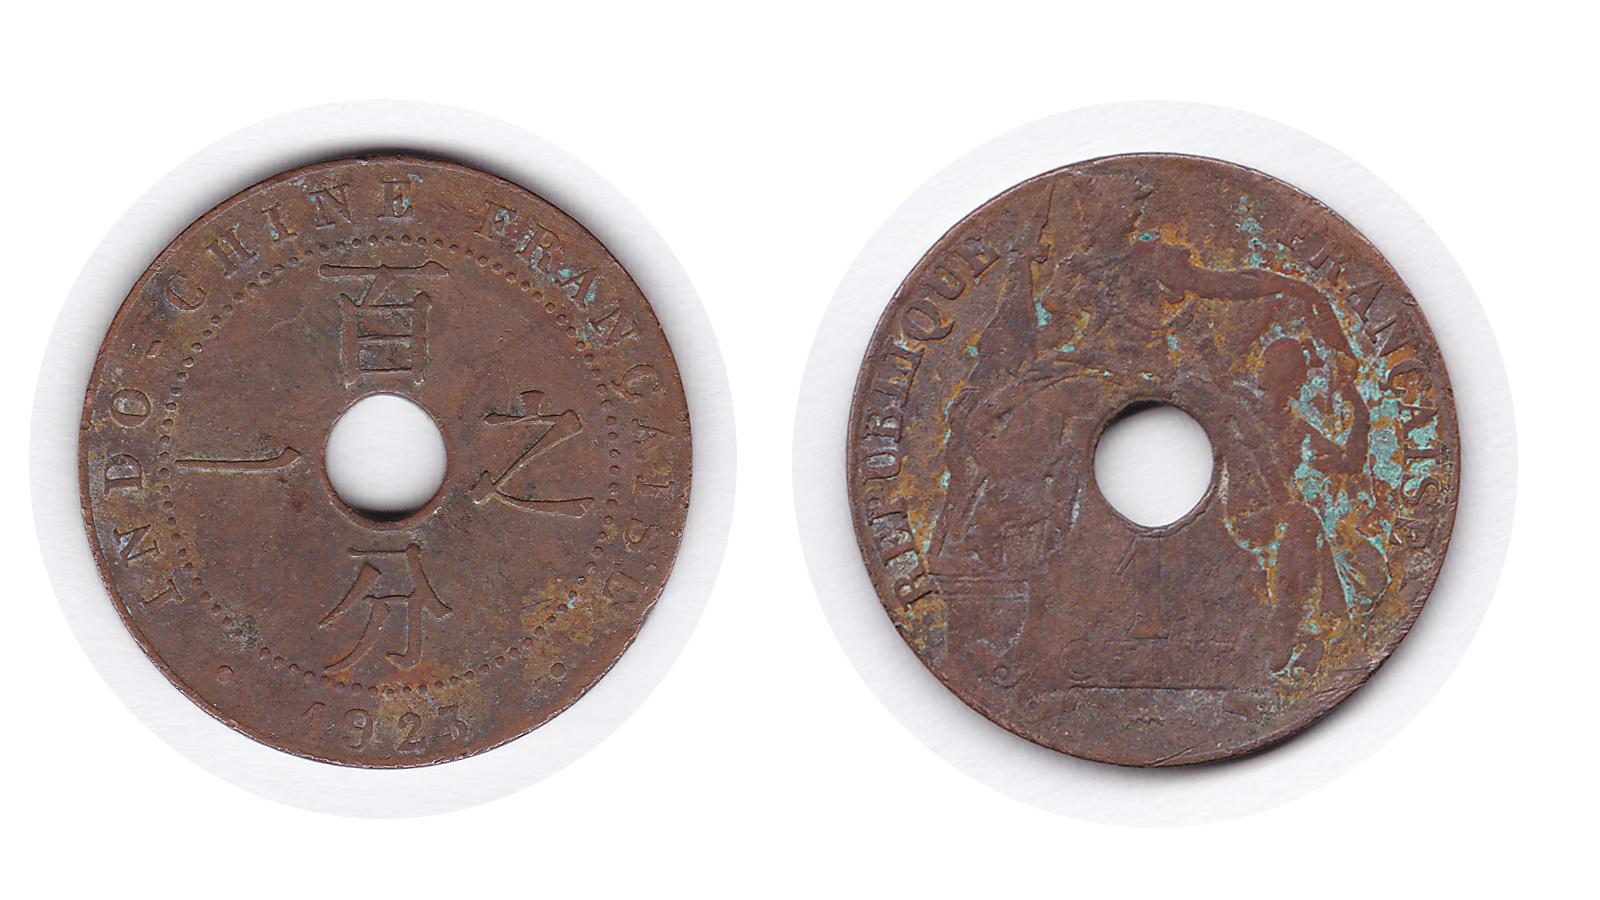 仏領インドシナのコイン(1923年)_c0027285_11515110.jpg